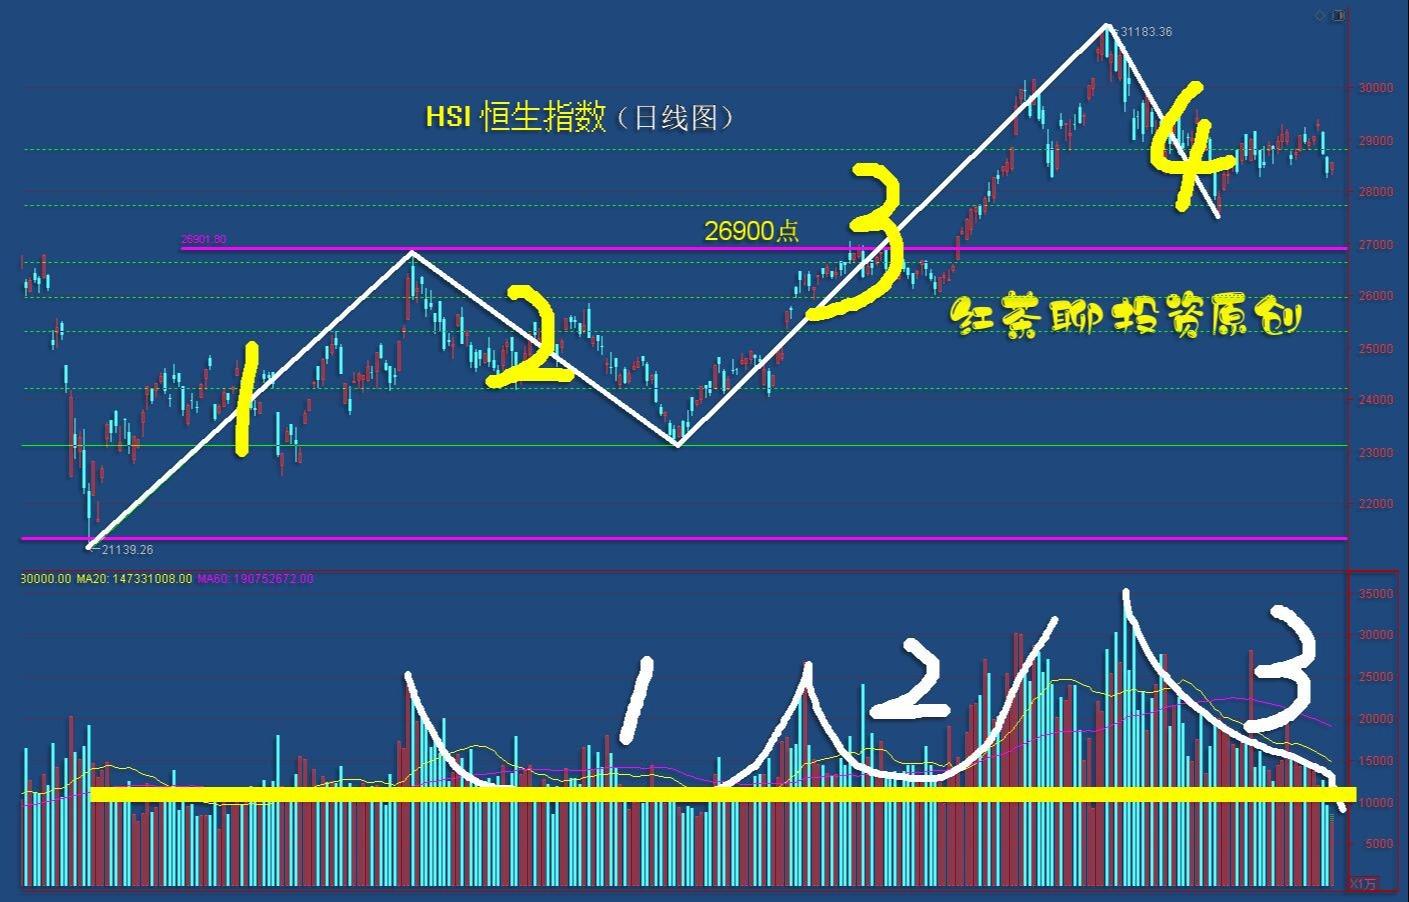 5.4港股:恒生指数具备第五浪的上涨条件